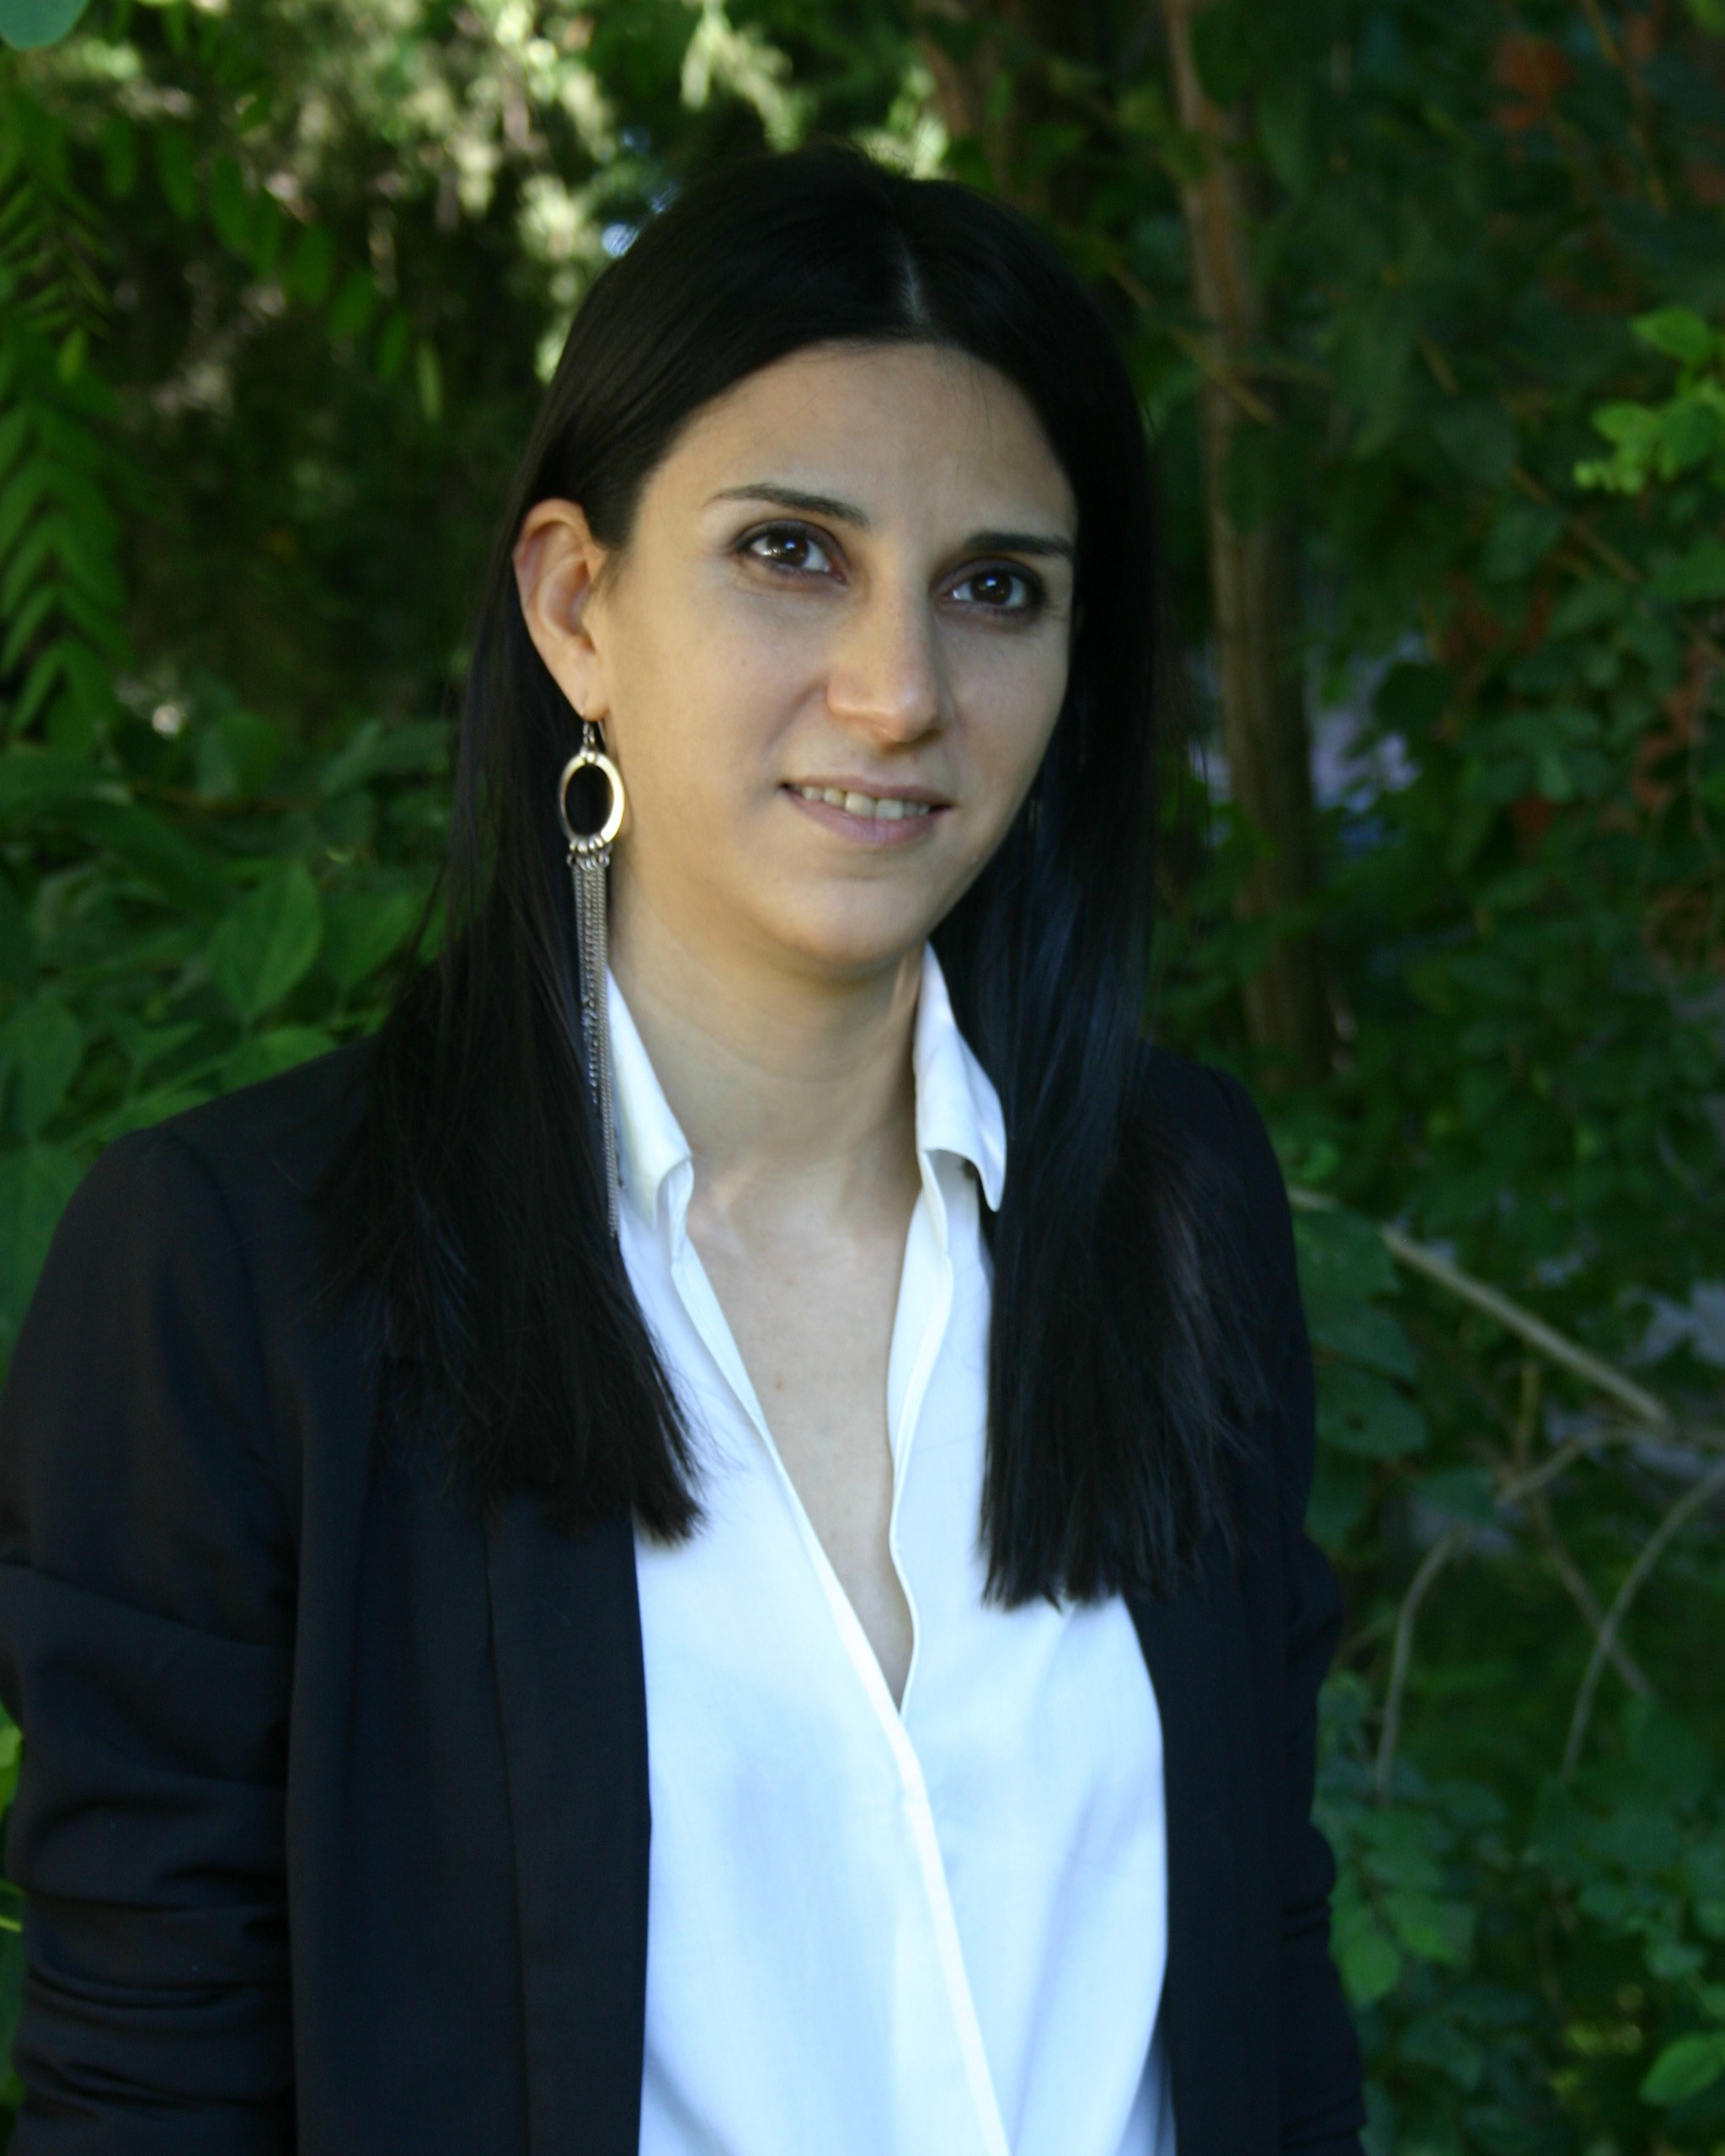 SonyaSaroyan.jpg